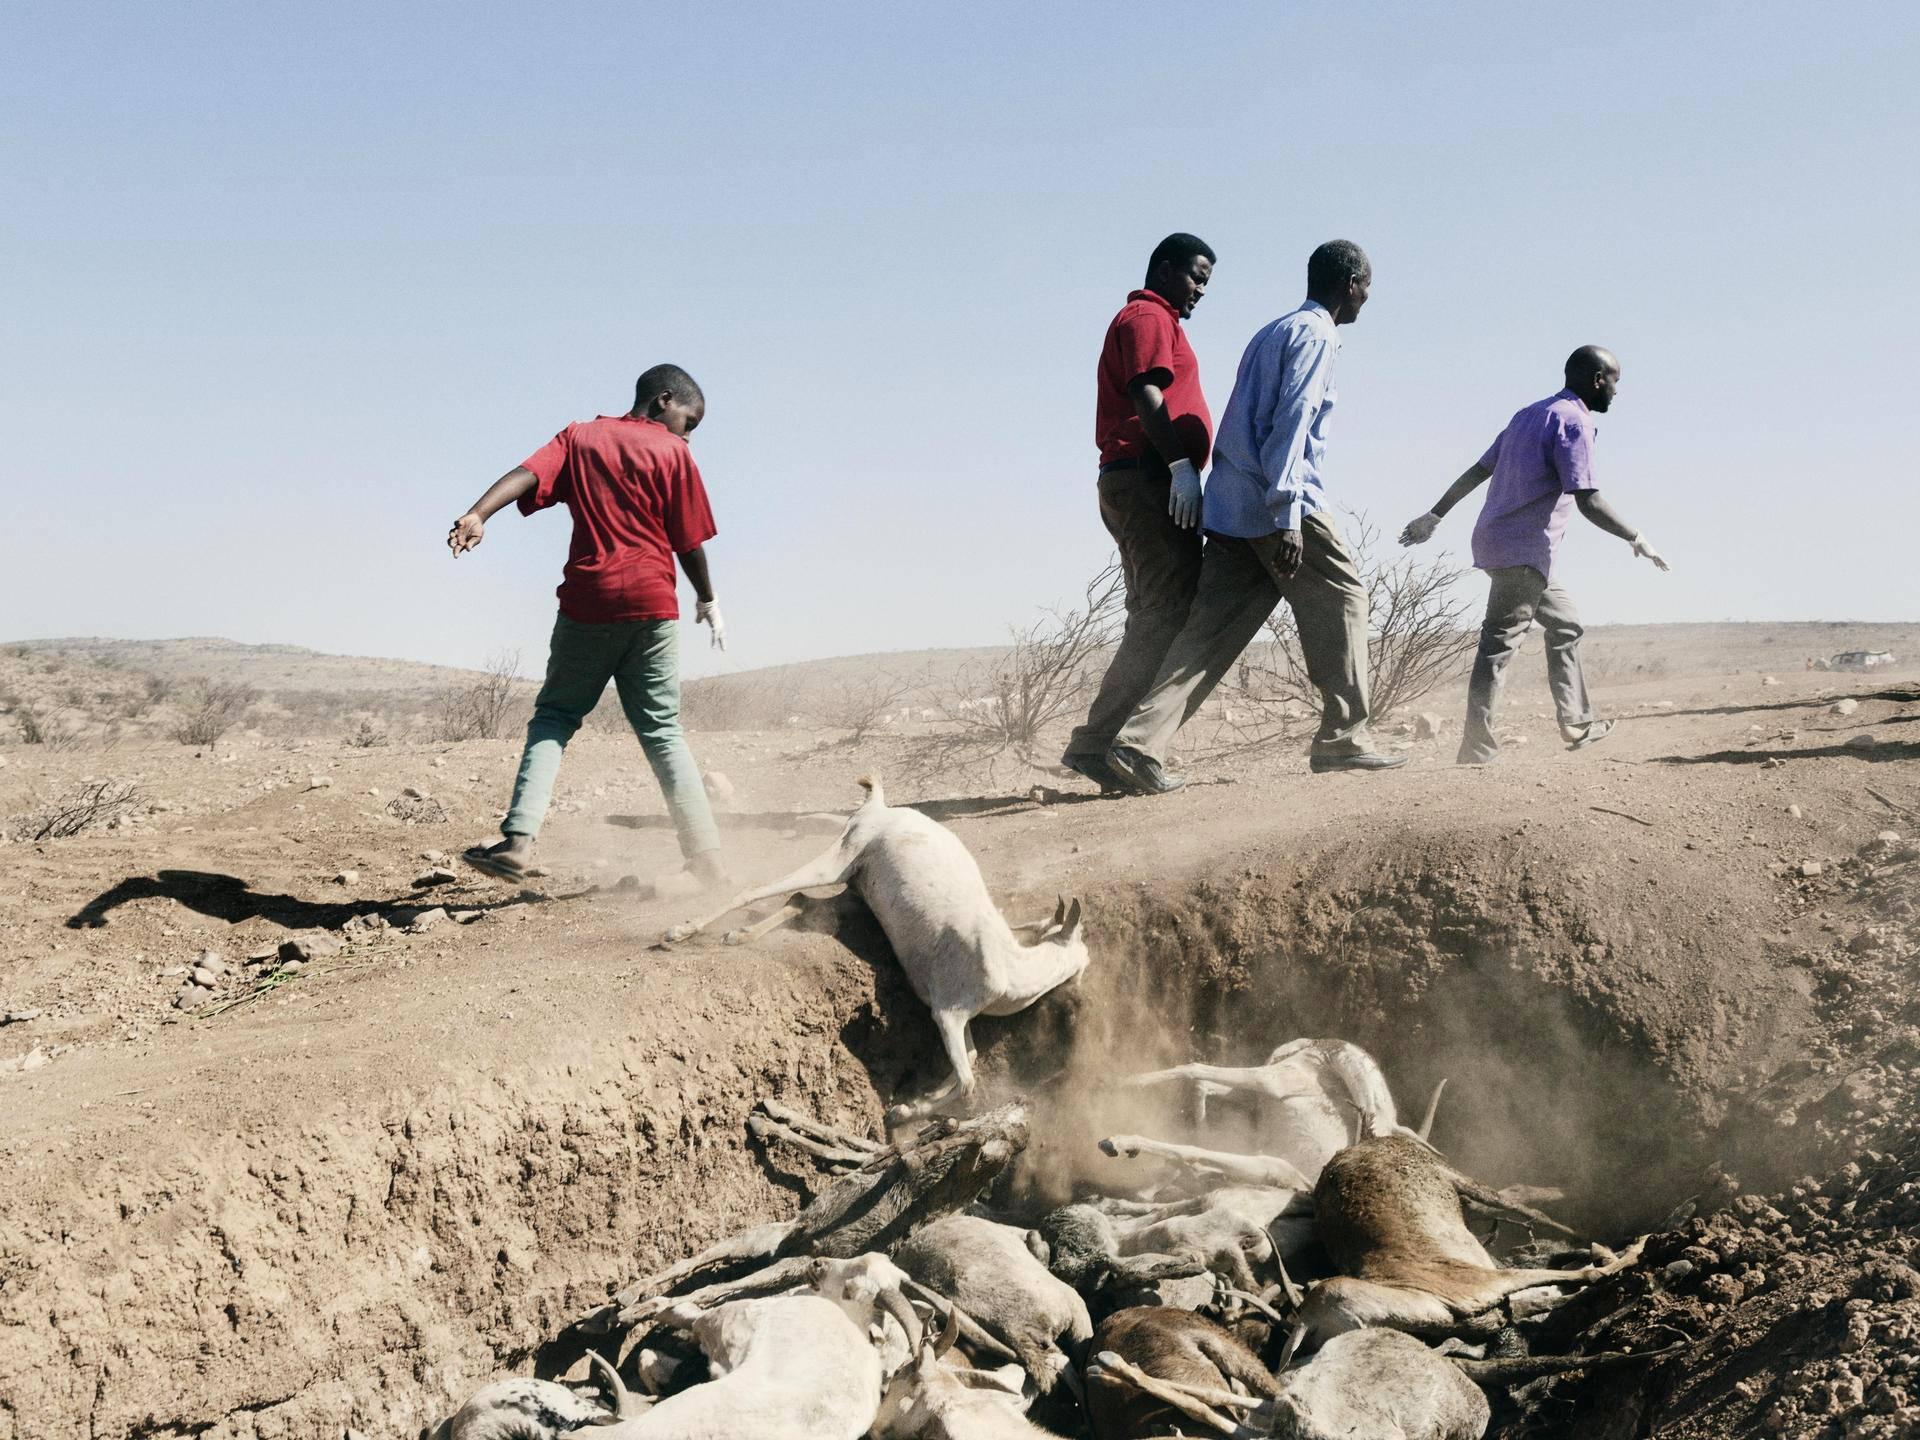 Somalimaa. Läntisessä Somalimaassa ei ole juuri satanut kolmeen vuoteen. Huhu sateista rannikolla sai sadat ihmiset liikkeelle myös Etiopiasta. Laitumia ei kuitenkaan löytynyt. Huonokuntoisille vuohille annettiin vettä, mutta ne kuolivat silti. Mohamoud Abdi (vas.) heitti vuohenraadon joukkohautaan.